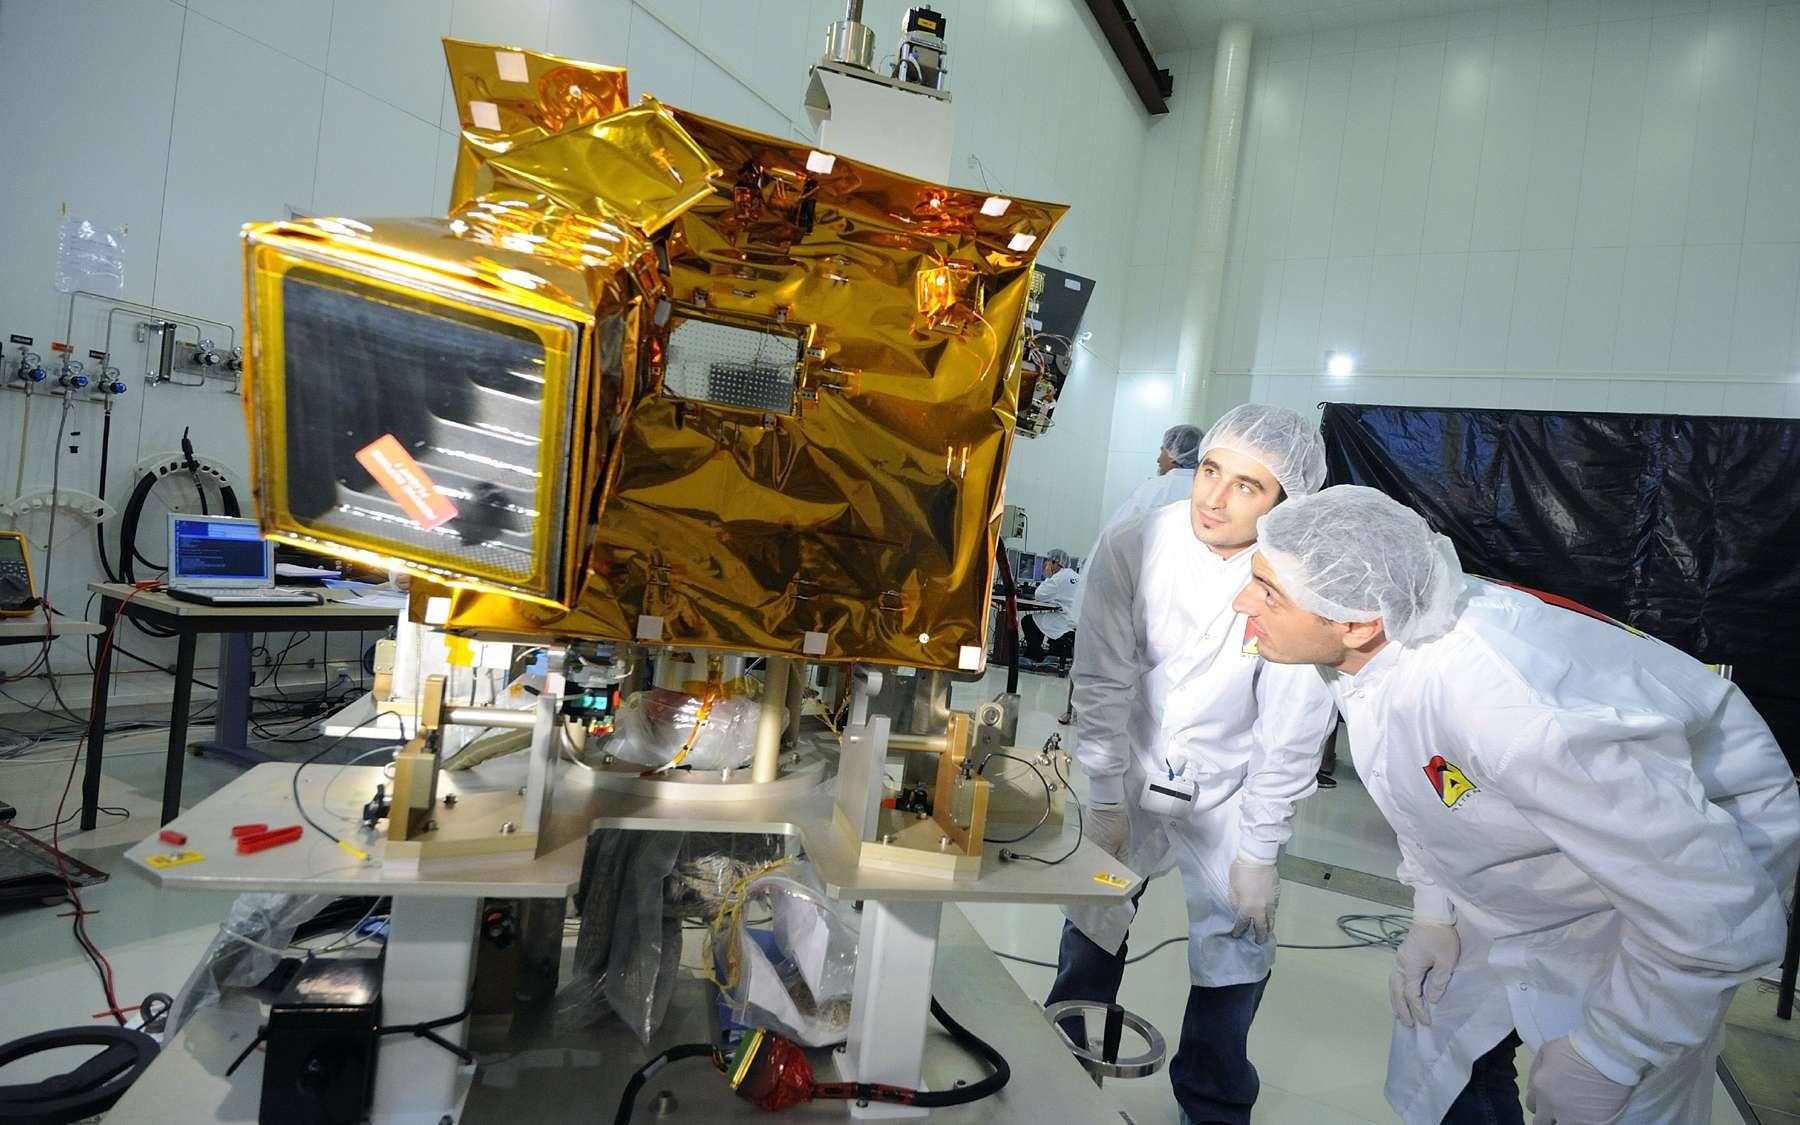 Intégration de la charge utile du microsatellite Picard au Centre spatial de Toulouse (Cnes). Crédits Cnes / Guindre Benjamin, 2008